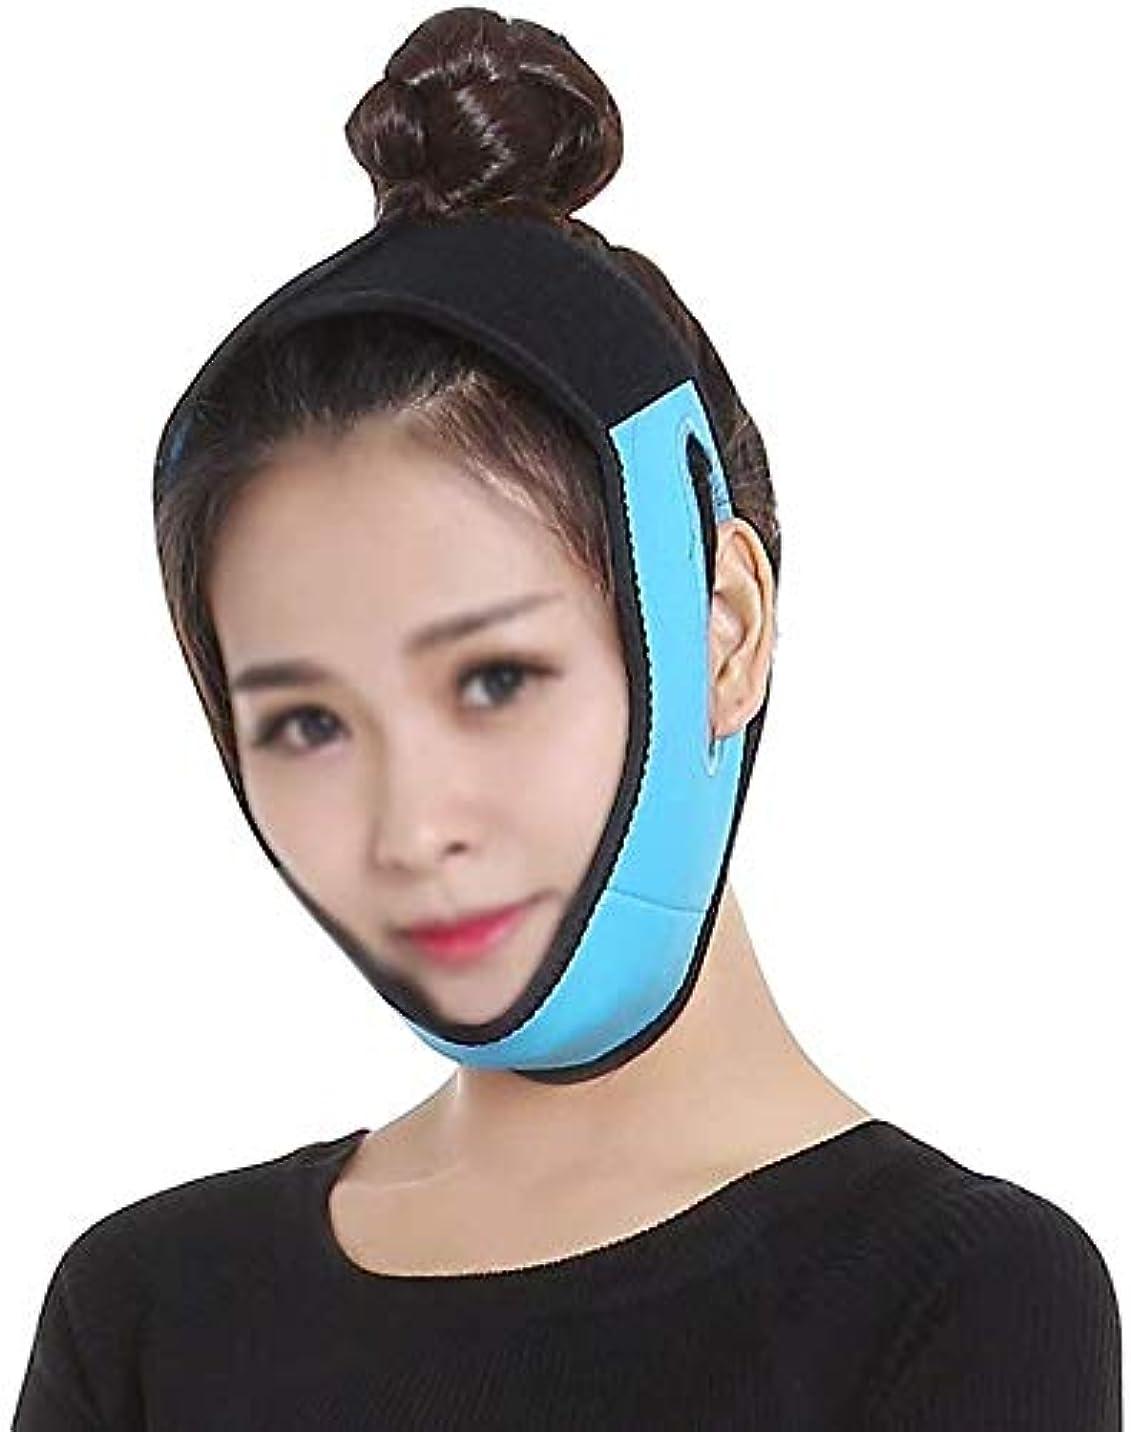 ホバー神経衰弱HEMFV 超薄型Vフェイスラインスリムアップベルト二重あごフェイススリミングチークマスク通気性のチンストラップリフトアップアンチリンクルマスクを削減